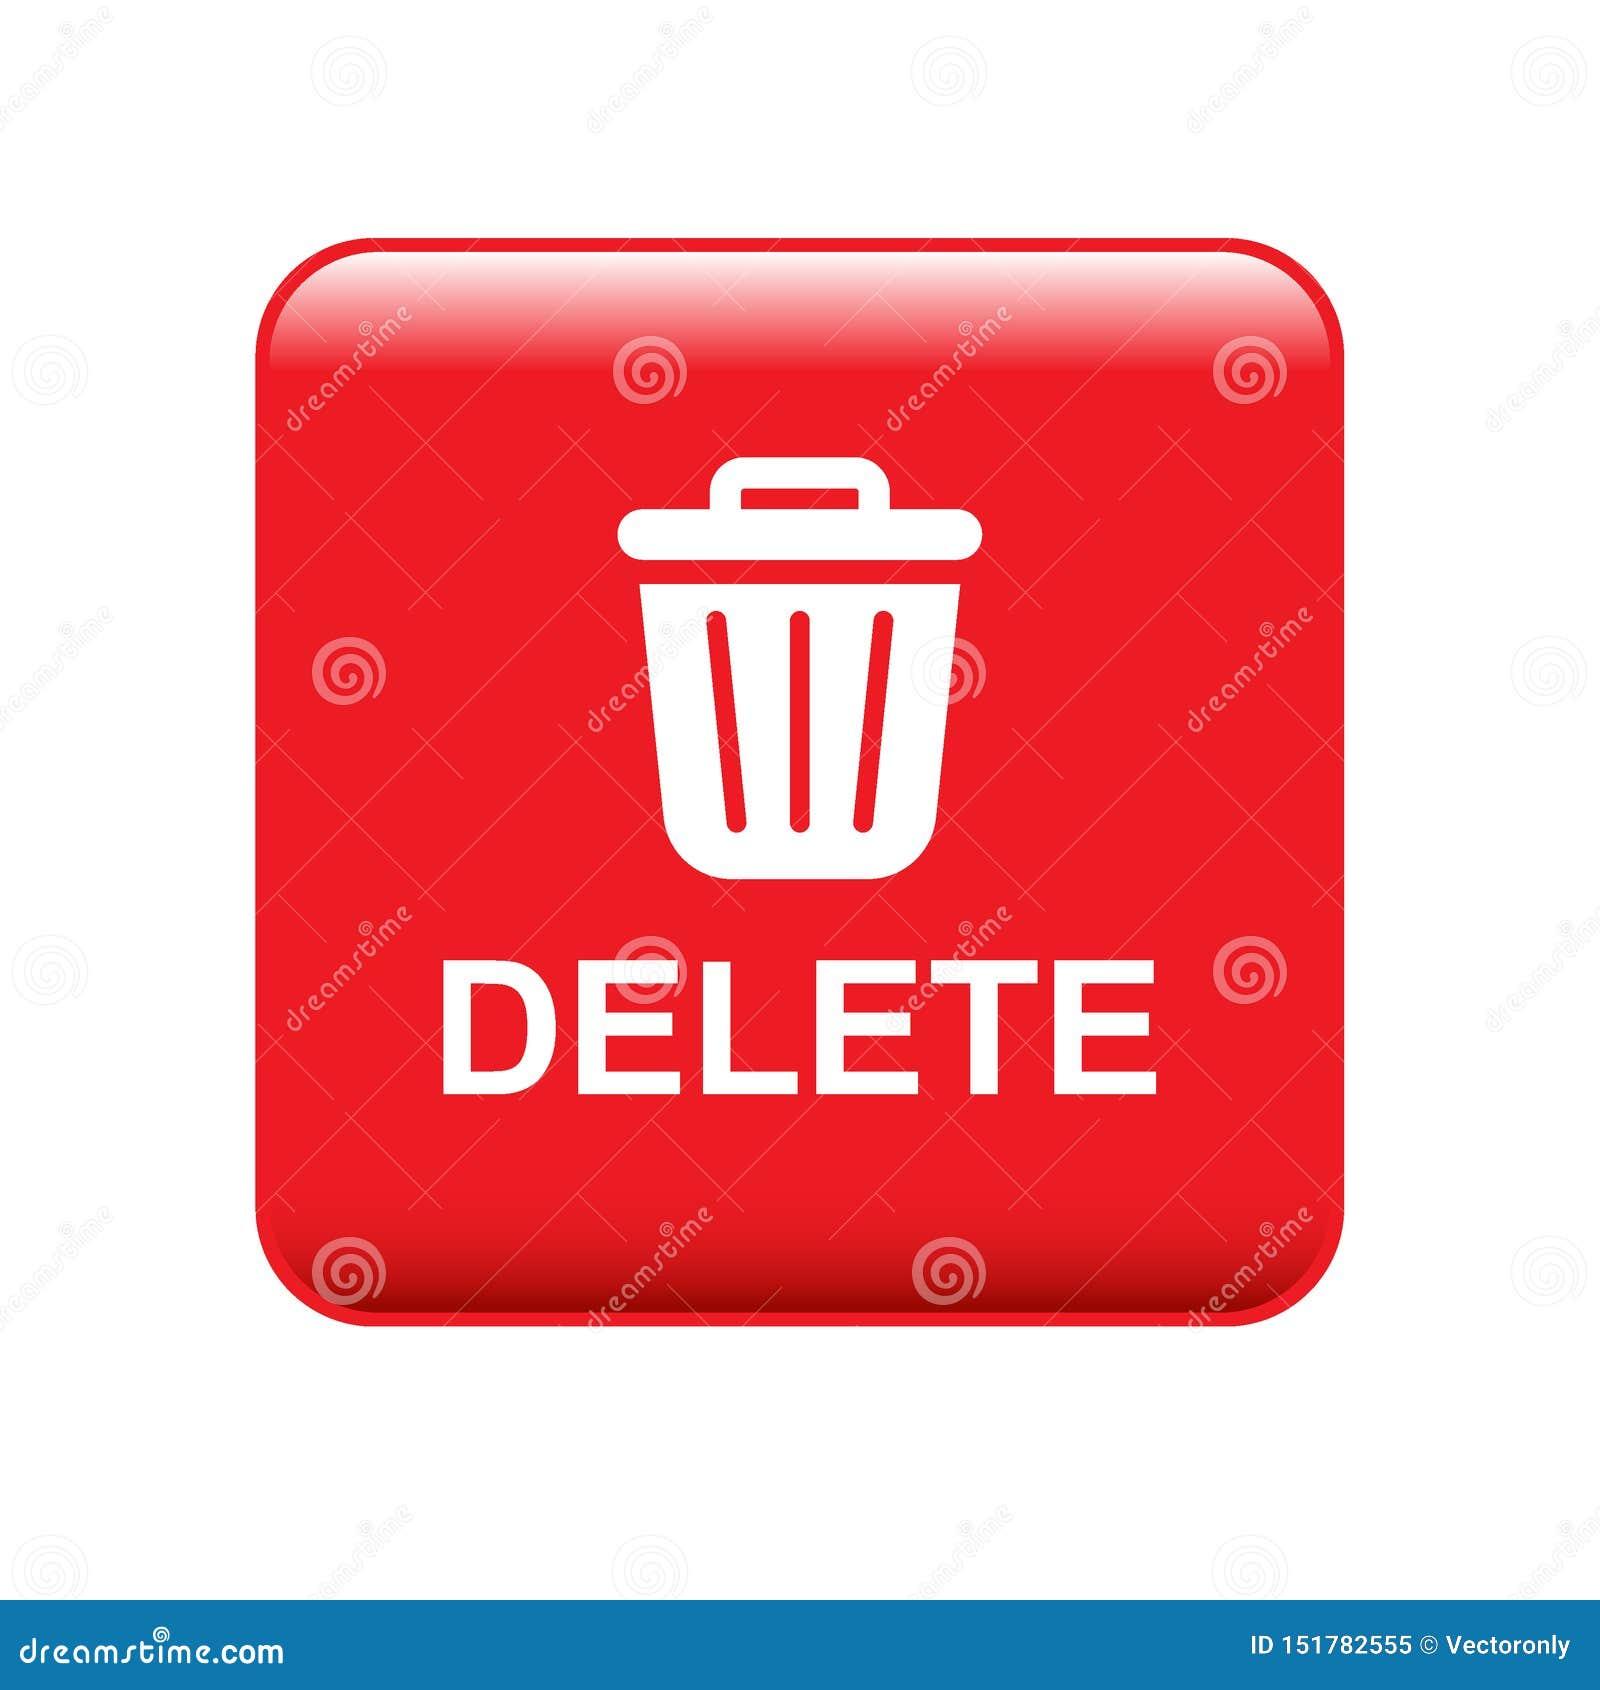 Close, delete, remove, trash icon |Delete Trash Button Icon